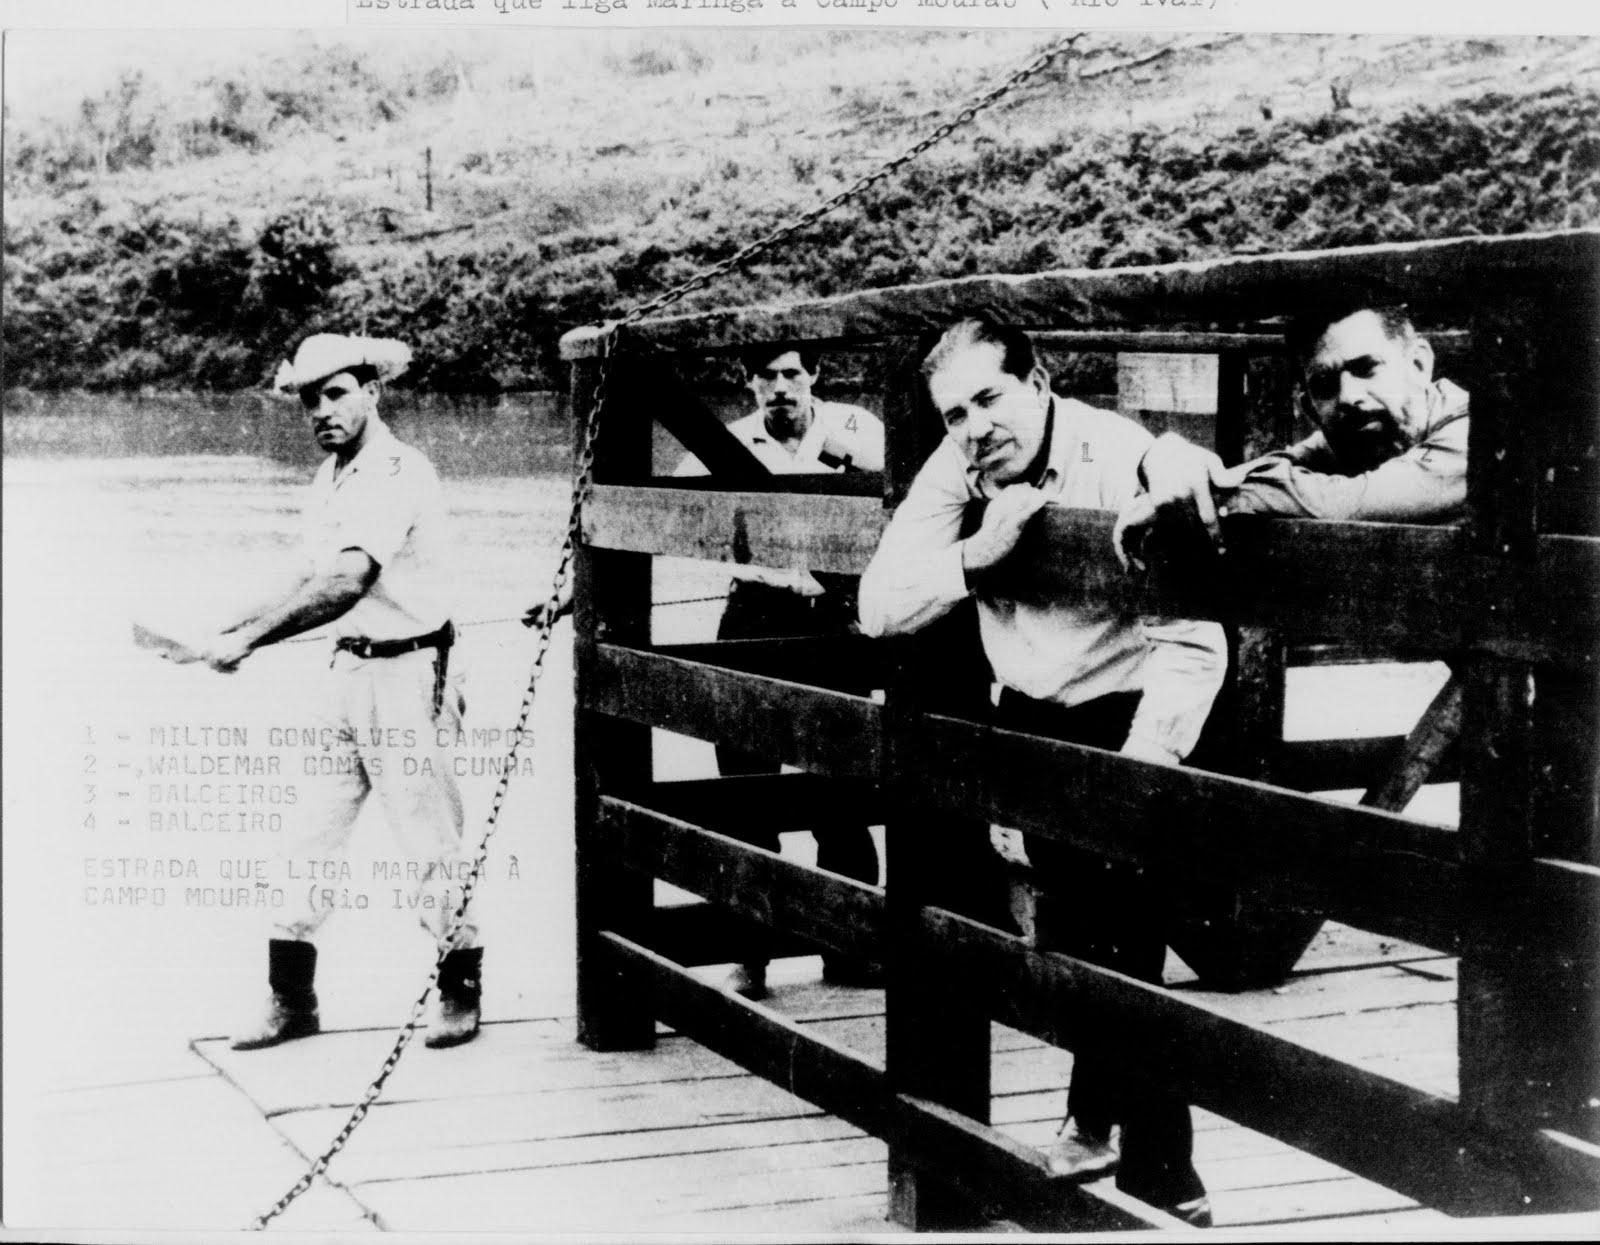 Pioneiros no Rio Ivaí